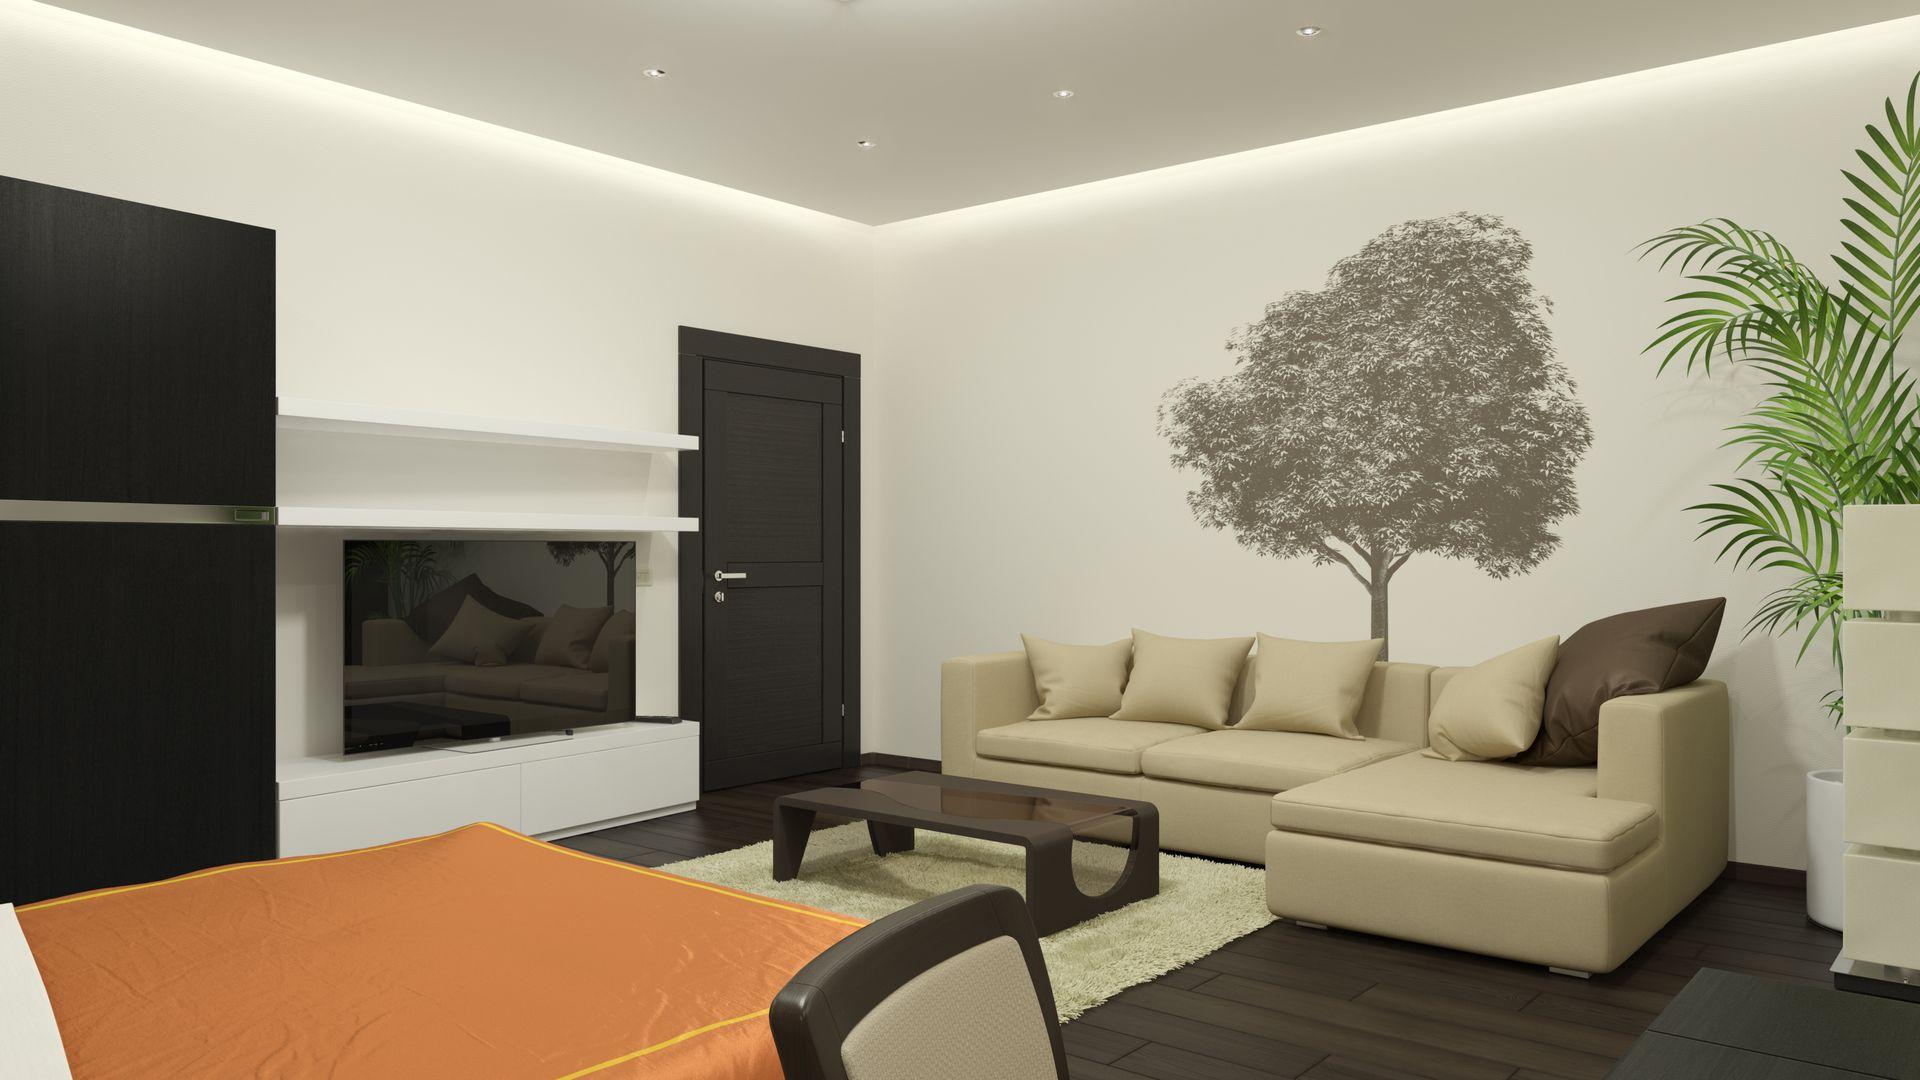 Indirekte Beleuchtung an Wand & Decke selber bauen